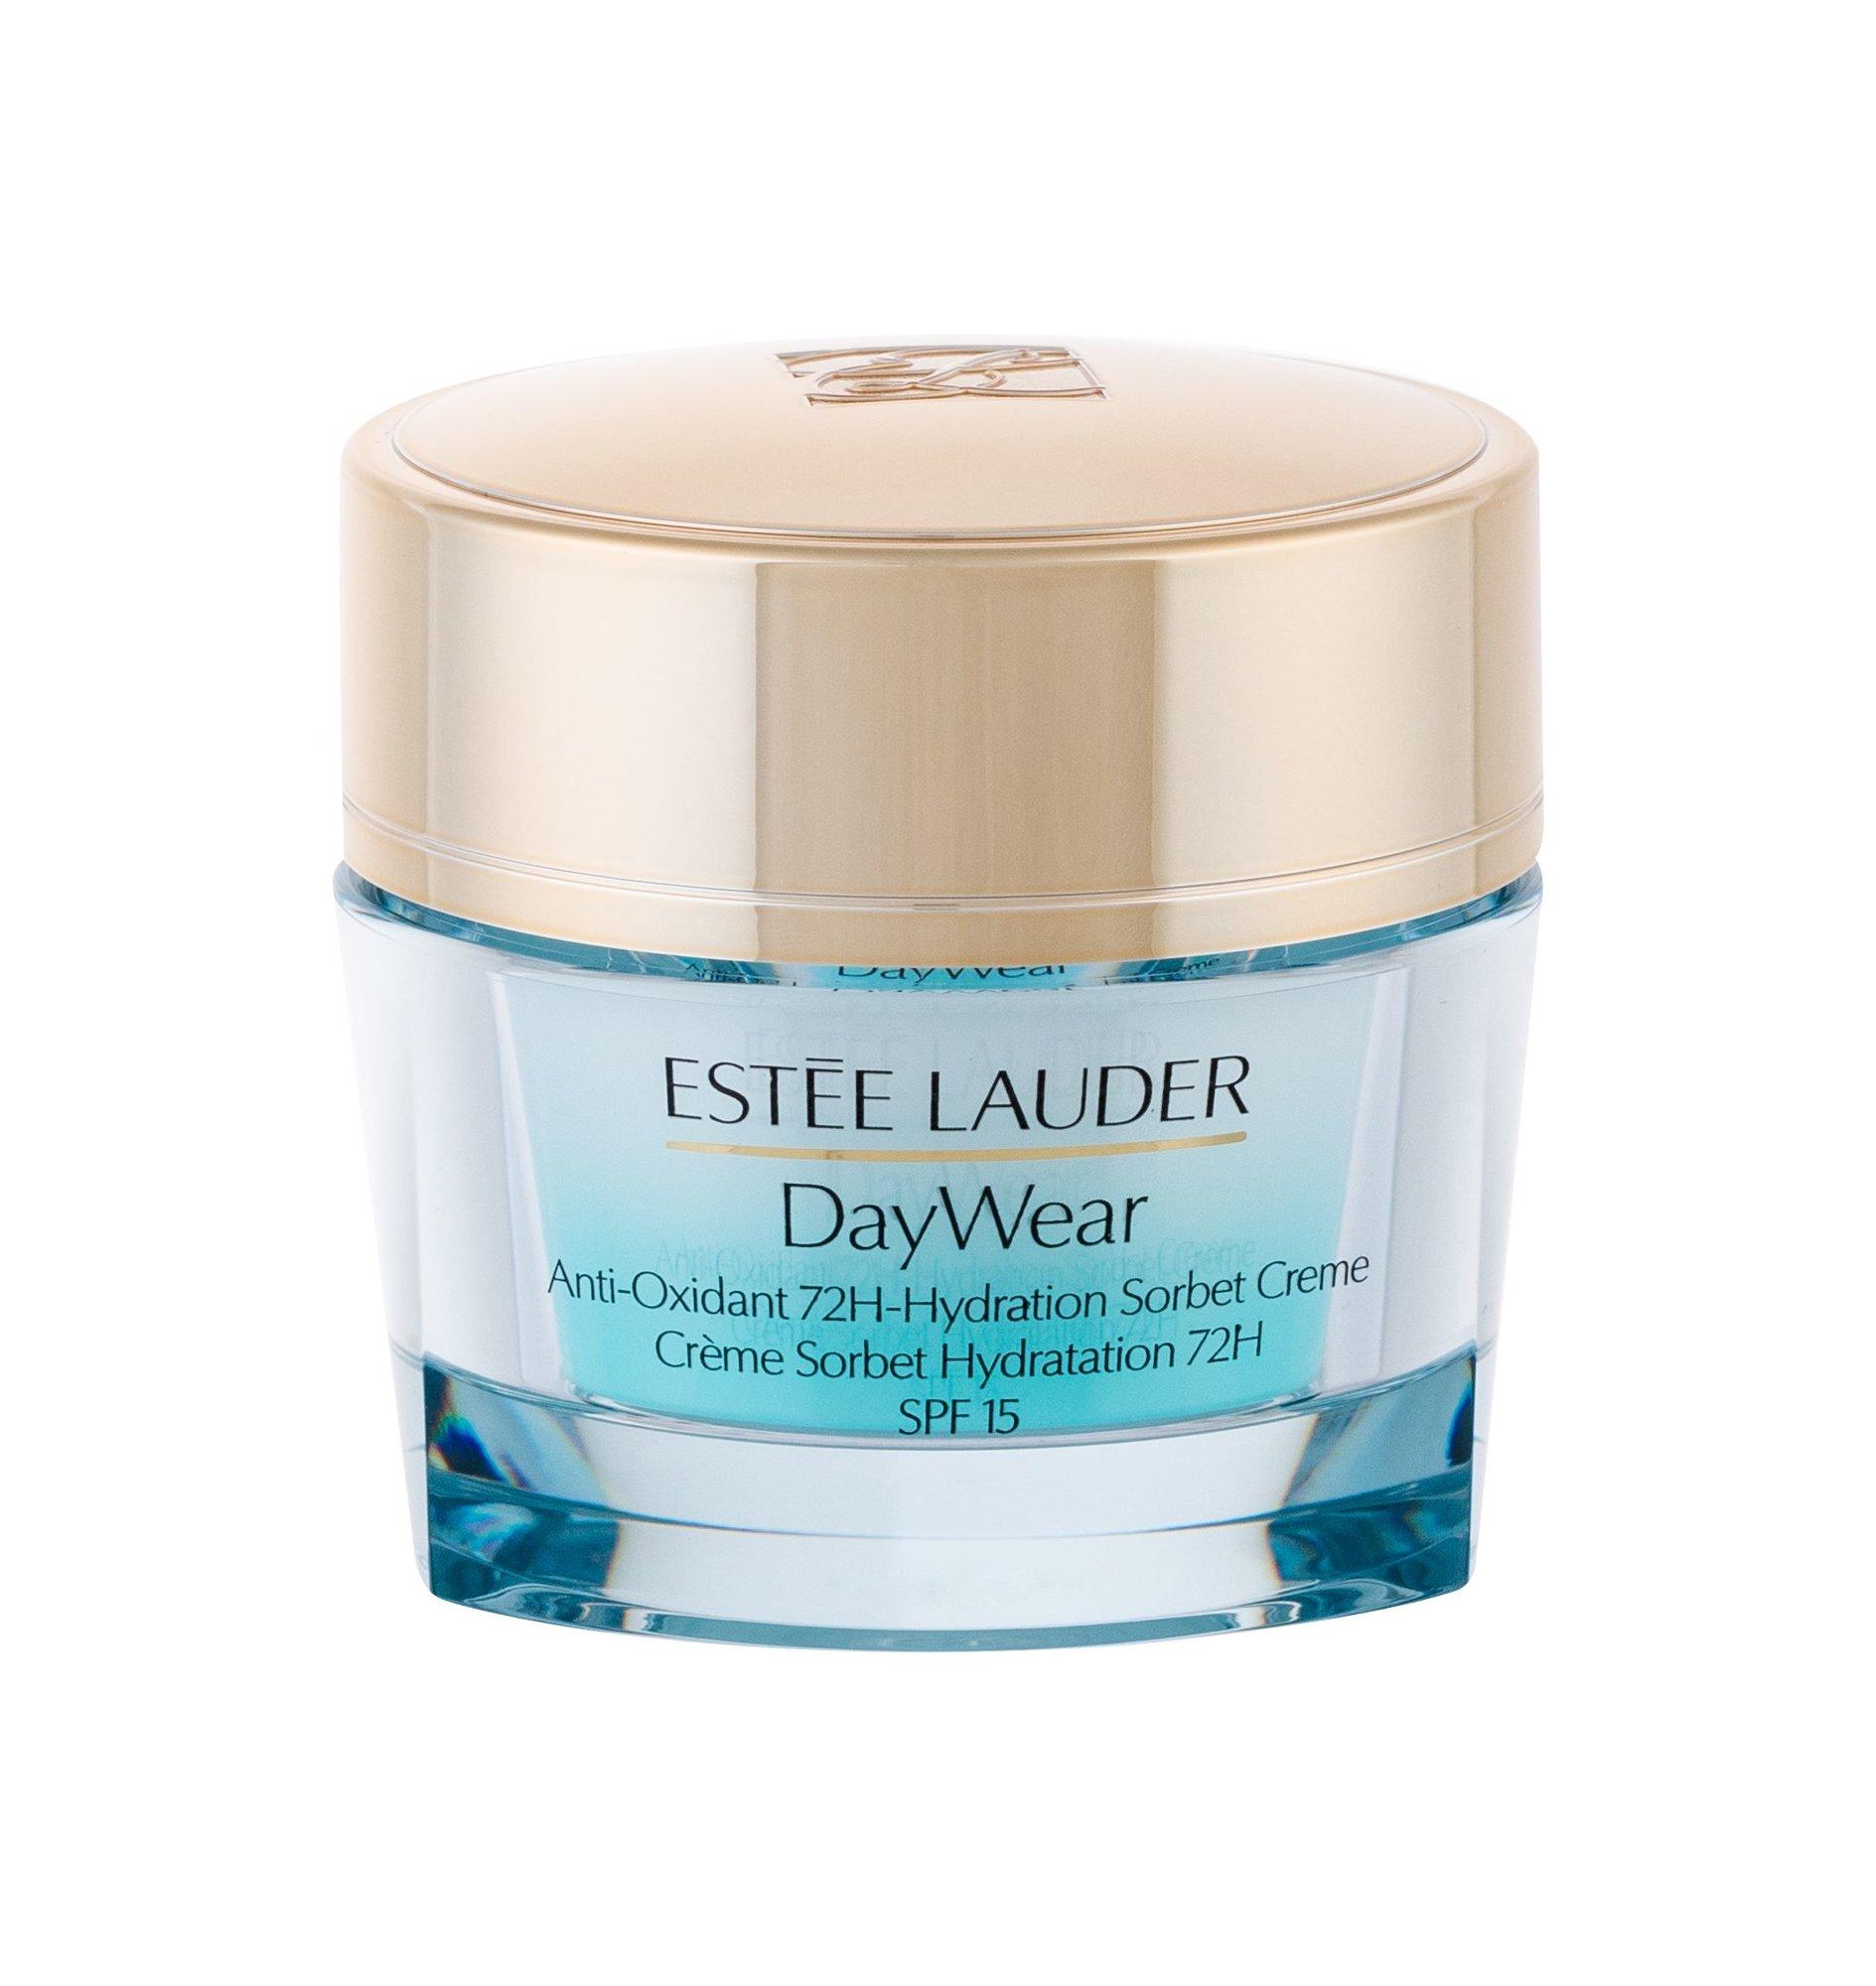 Estée Lauder DayWear Day Cream 50ml